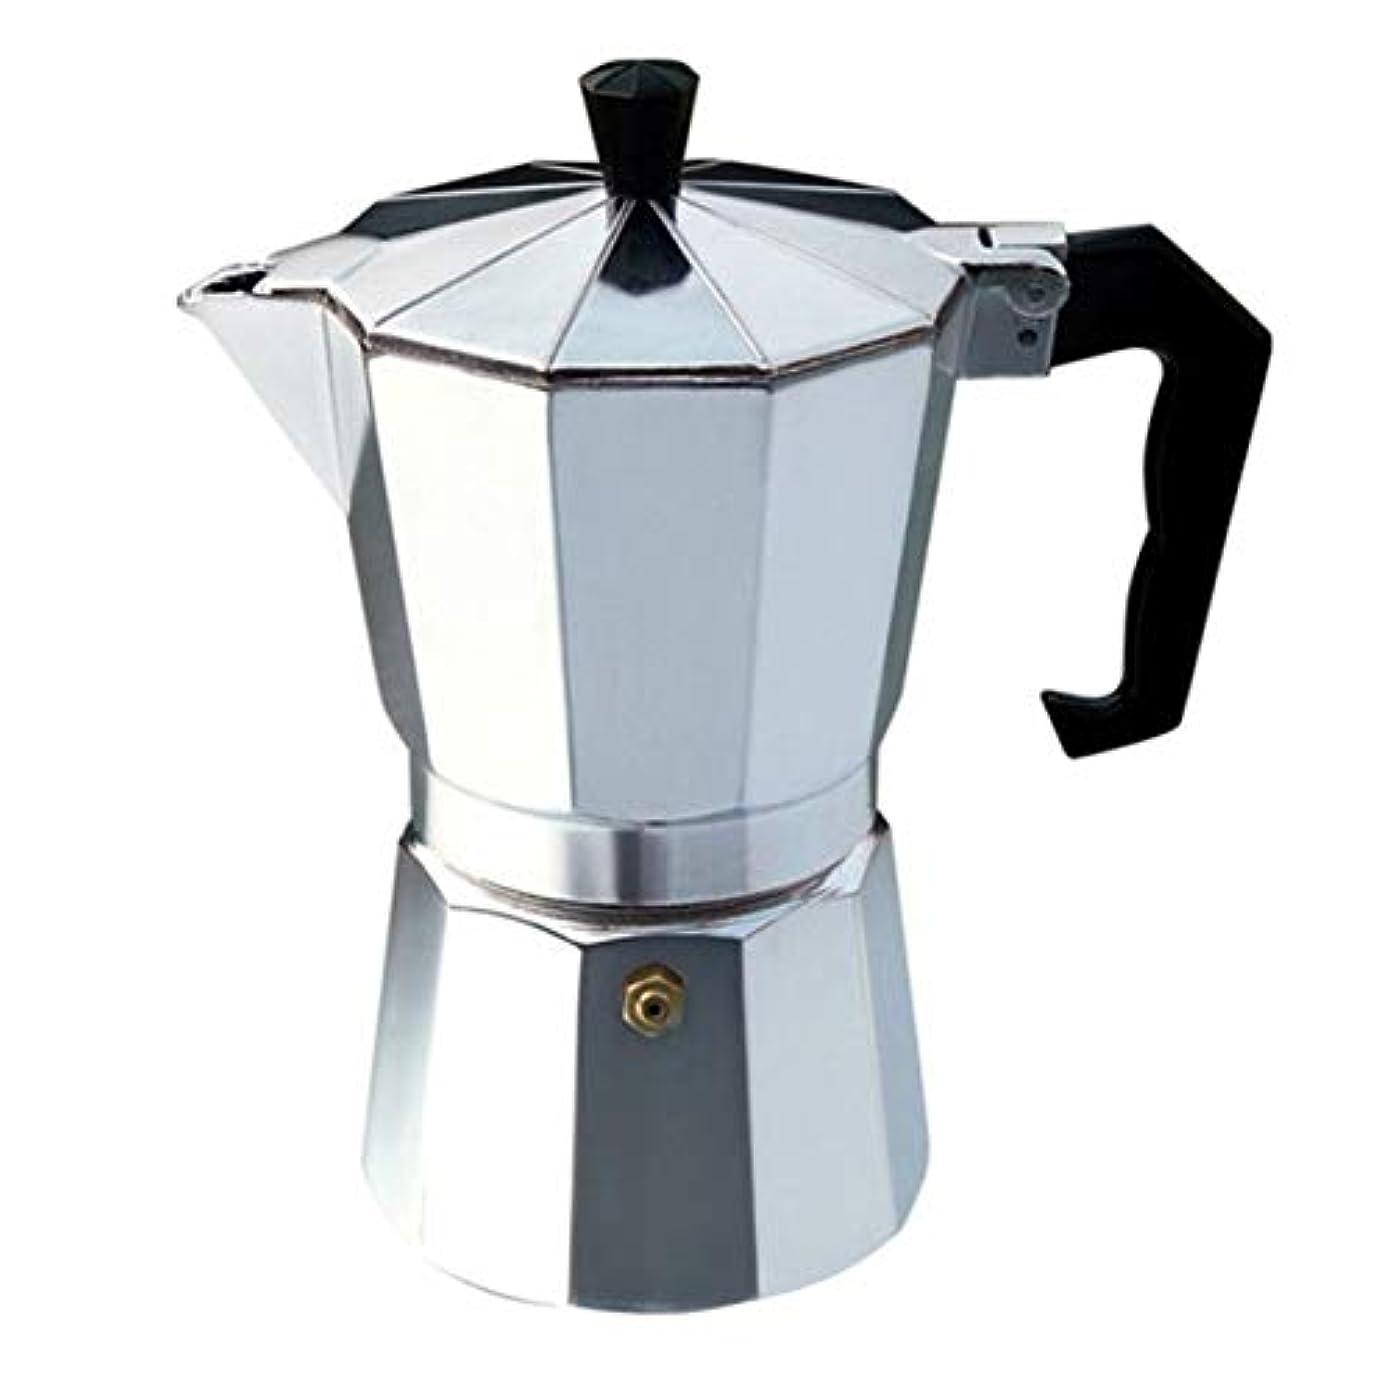 便利できない理由Saikogoods ナガXuefeiイタリアコーヒーブラックコーヒーモカコーヒー 実用的なギフト 簡単にクリーンアップするためにアルミ真岡鍋 Octangleコーヒーメーカー 銀 6カップ